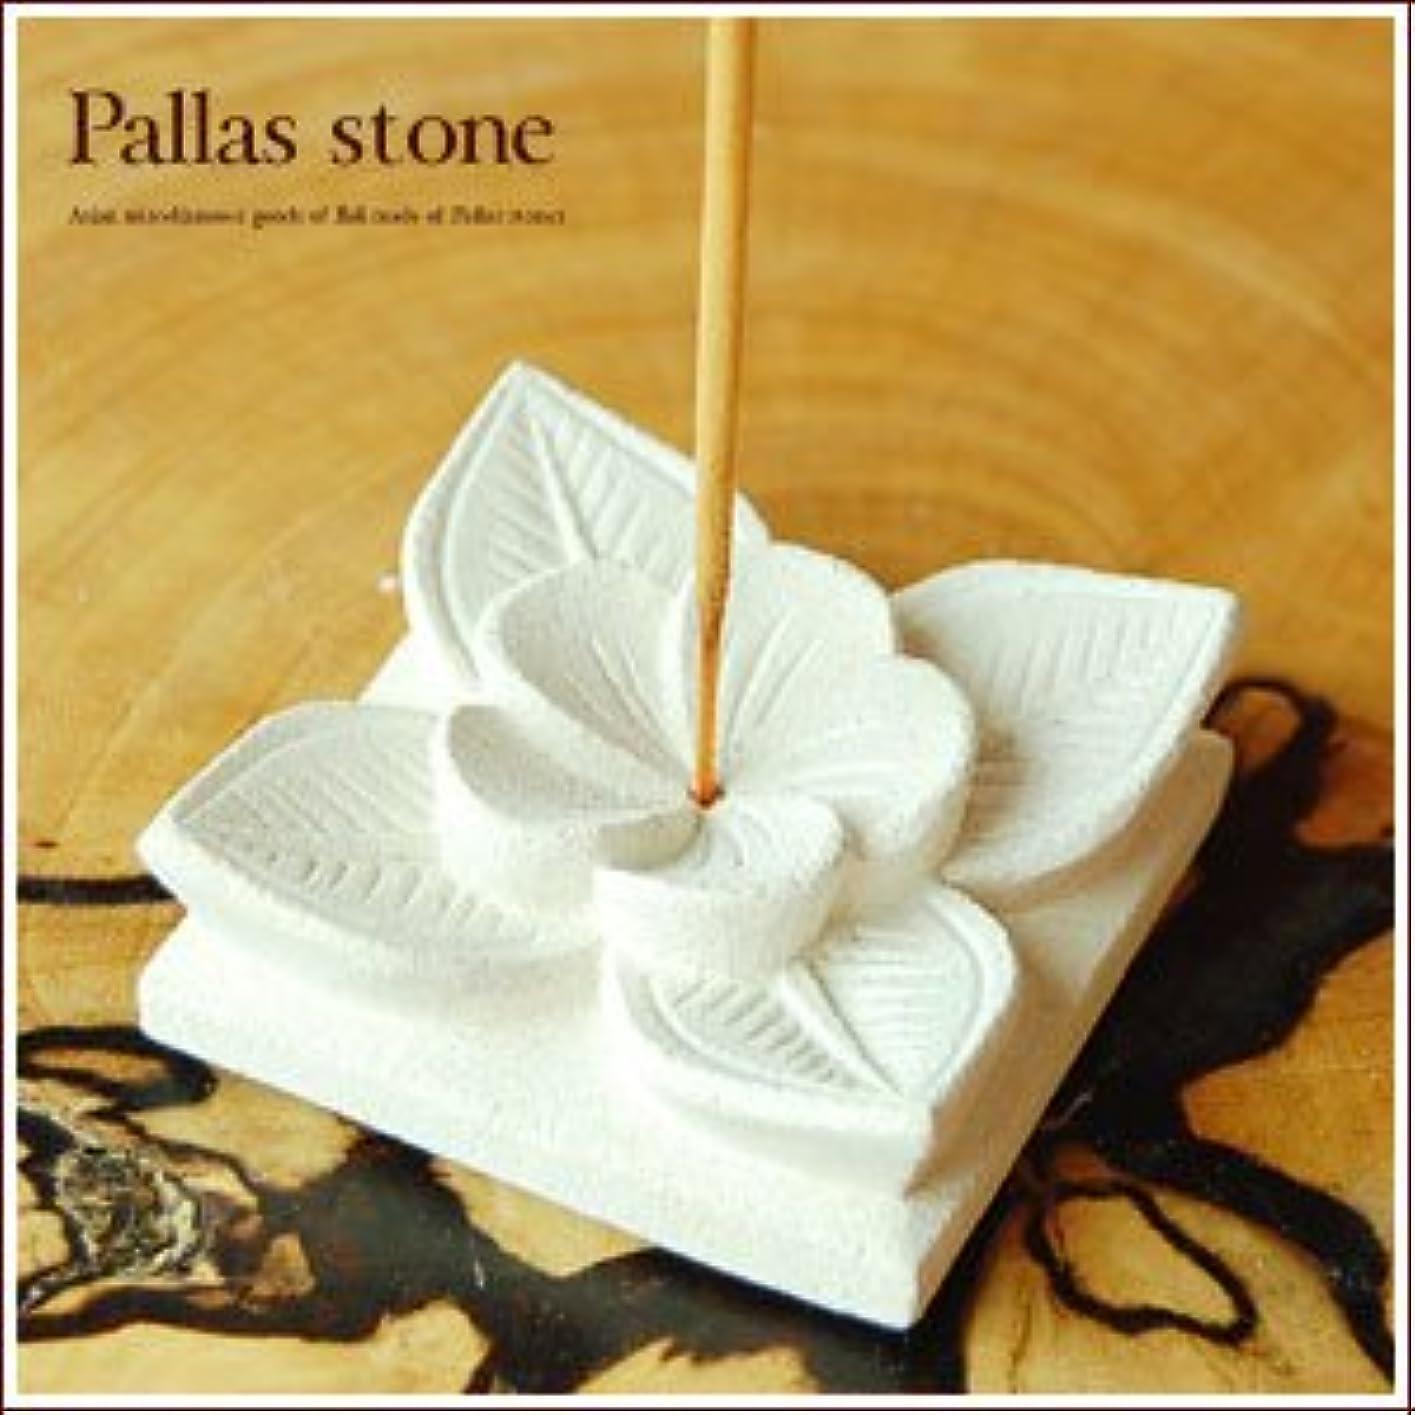 寄り添う熟練した経済的【アジア工房】パラス石を彫って作ったプルメリアモチーフのお香立て[小][10135] Aタイプ [並行輸入品]